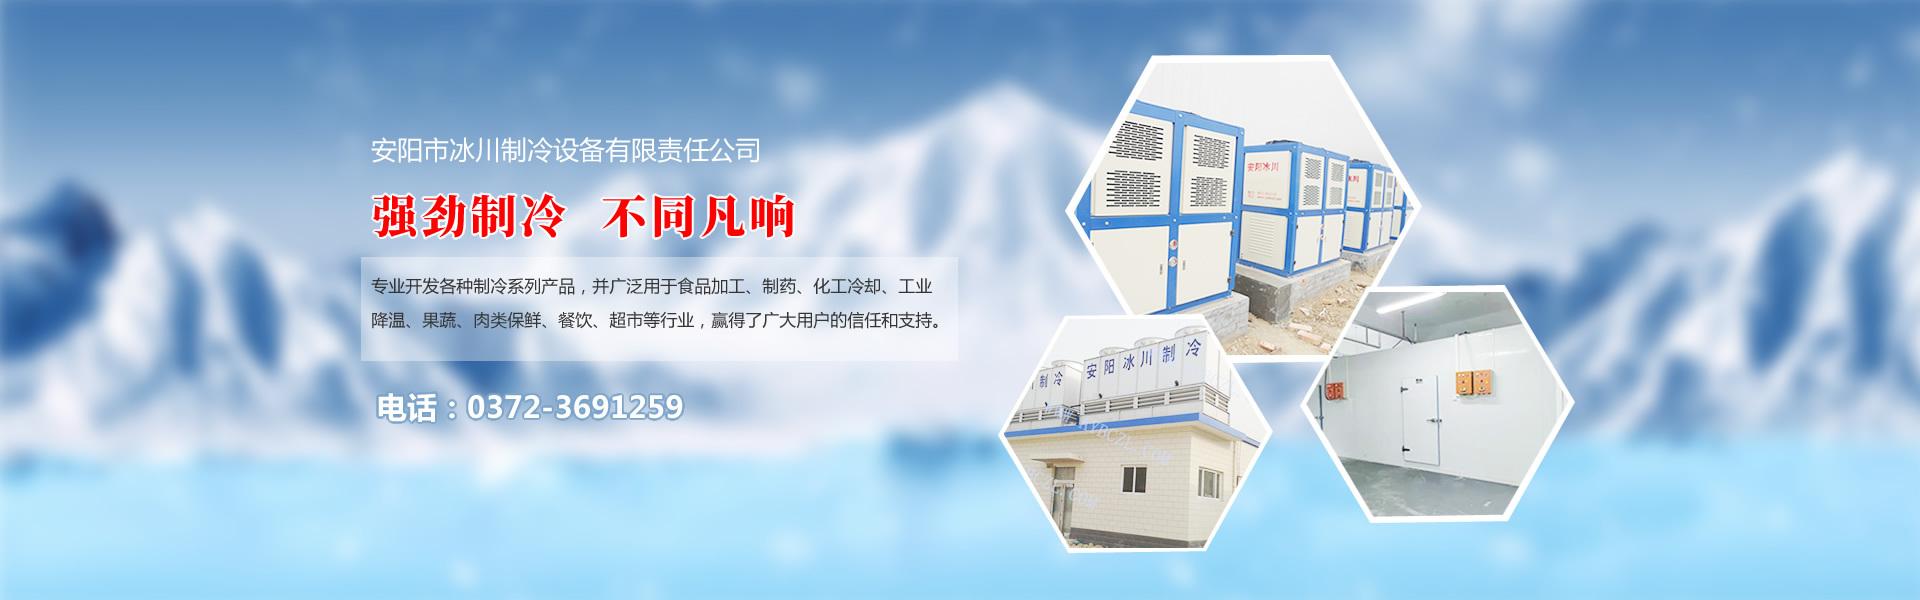 安阳市冰川制冷设备